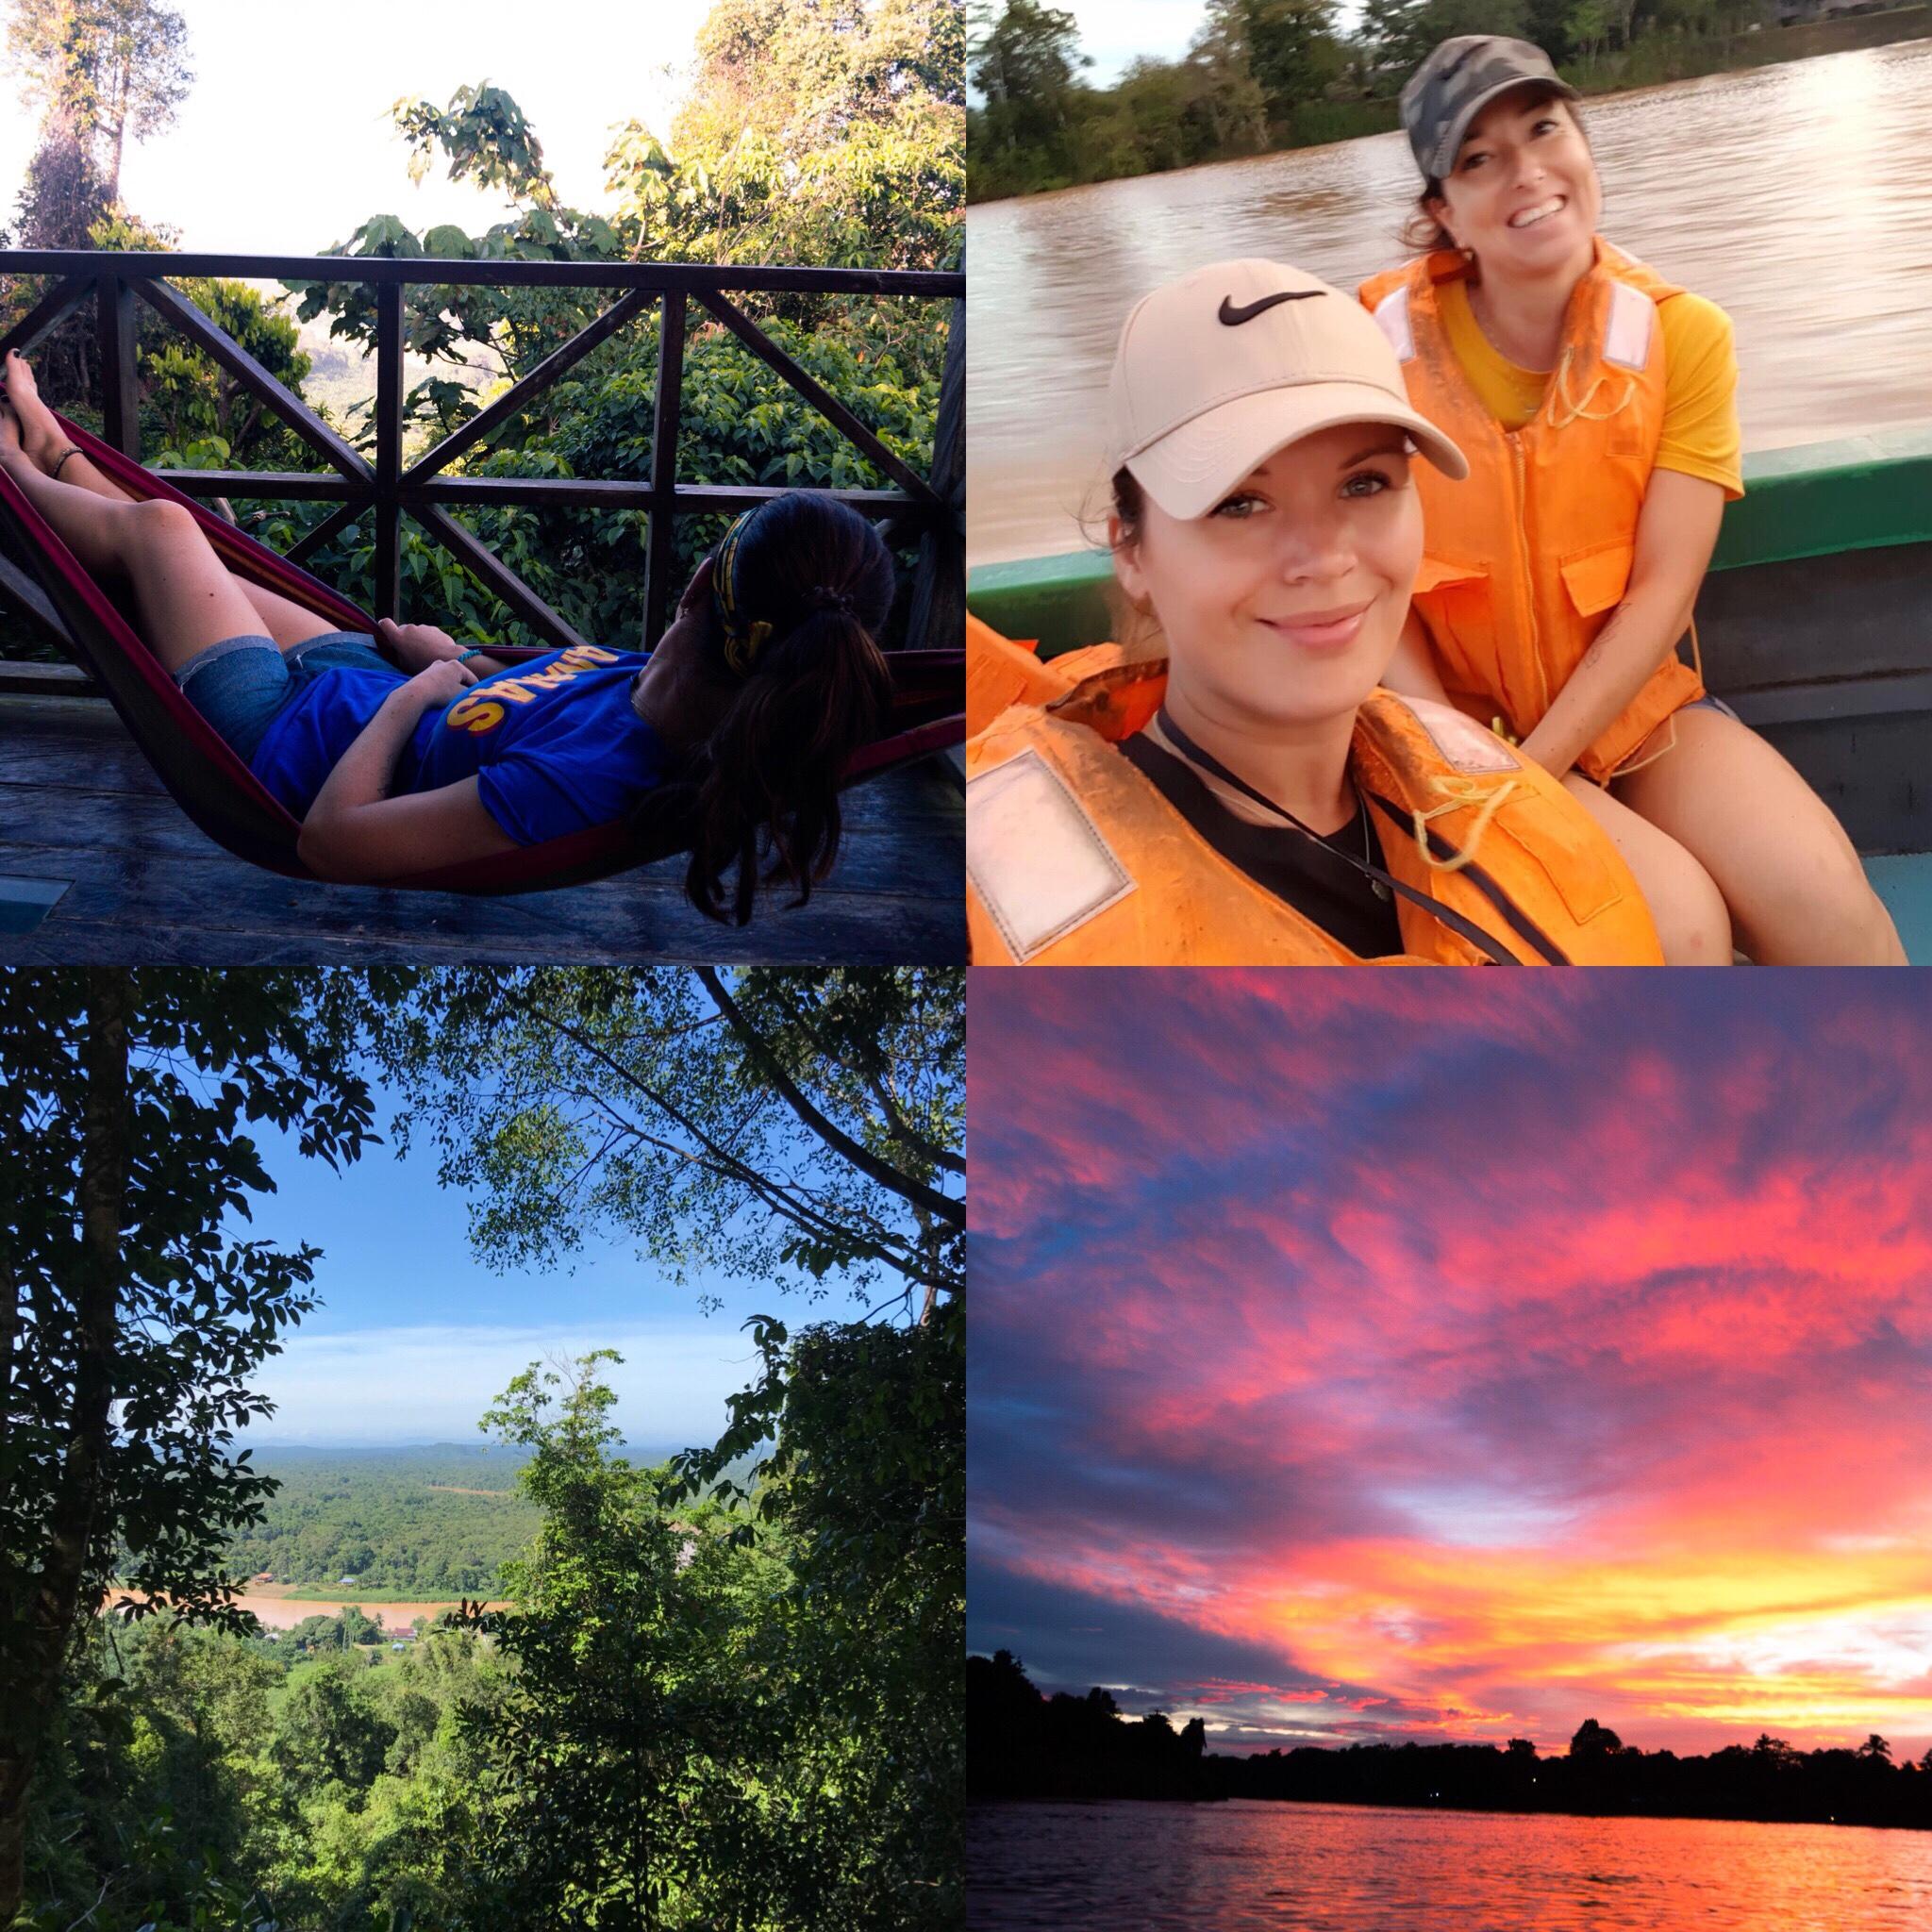 Hangmat, uitzicht vanaf de hangmat, ordinaire junglecruise selfie en zonsondergang 😍[[[[[[